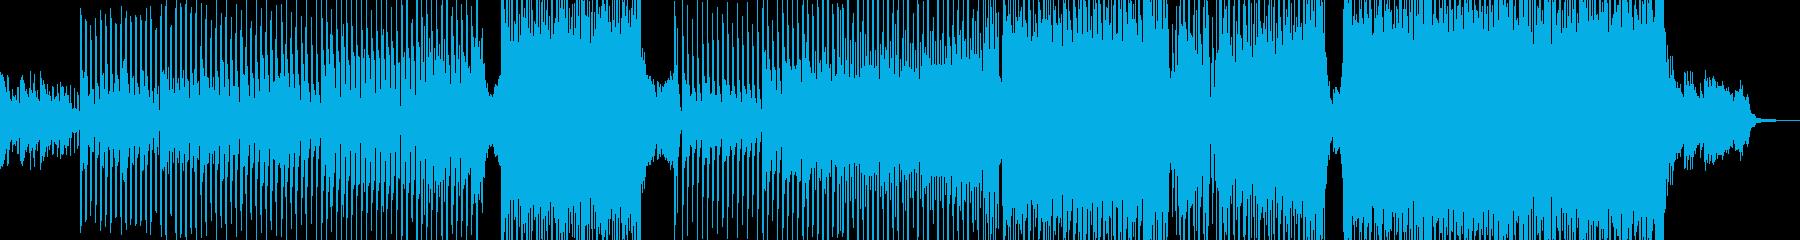 希望・涙を笑顔に テクノ・ピアノ無 Sの再生済みの波形